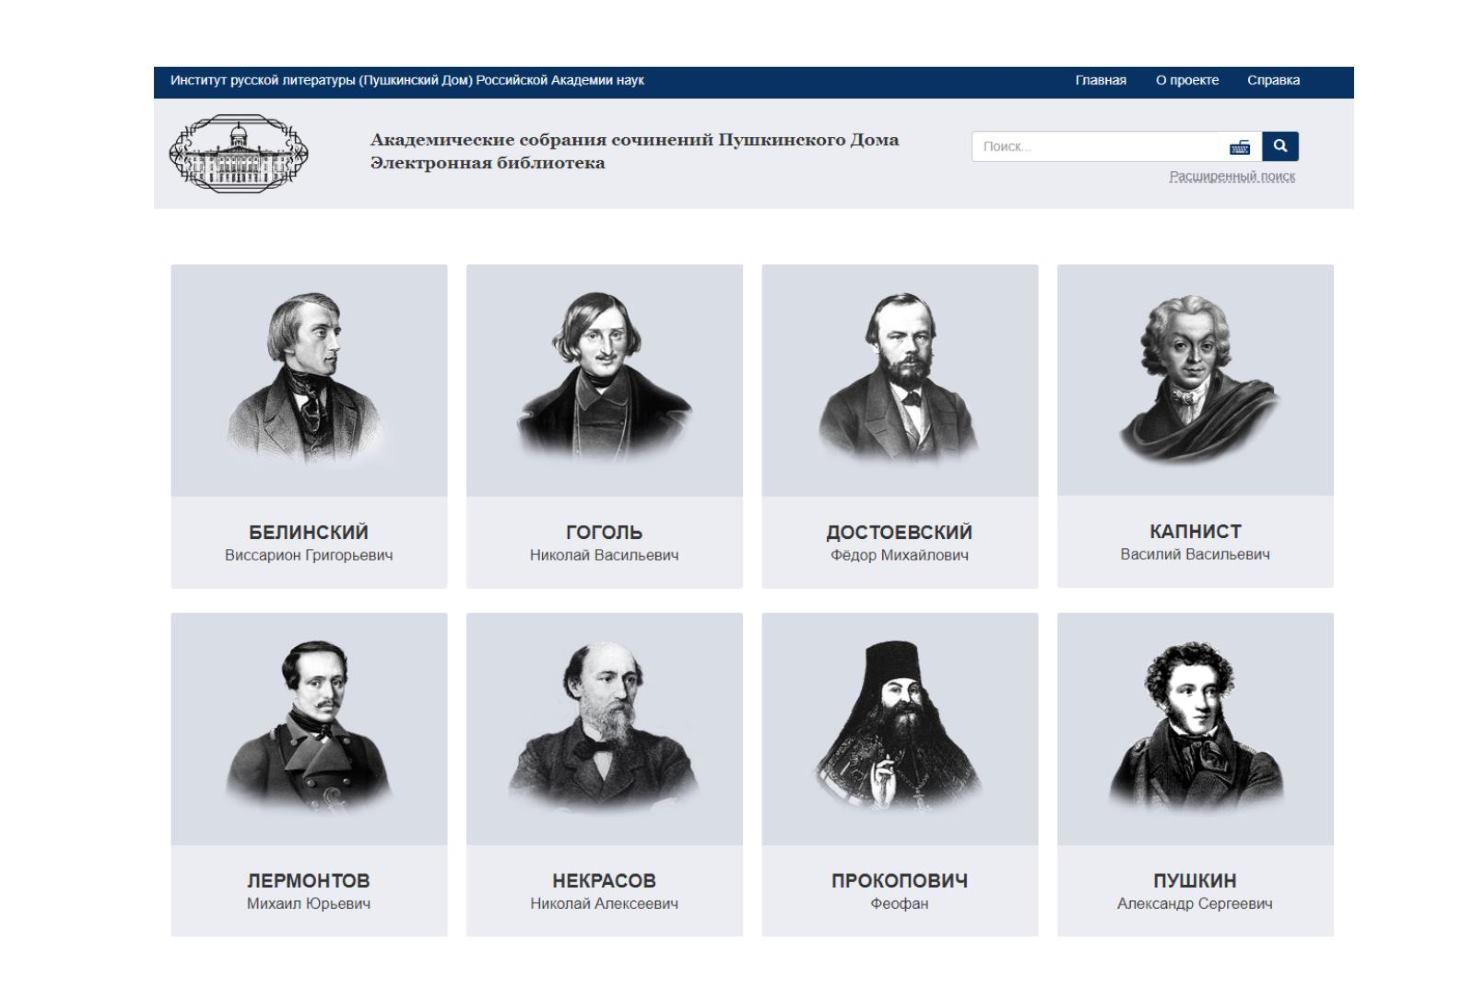 v-internet-vylozhili-akademicheskie-sobraniya-sochinenii-russkih-klassikov